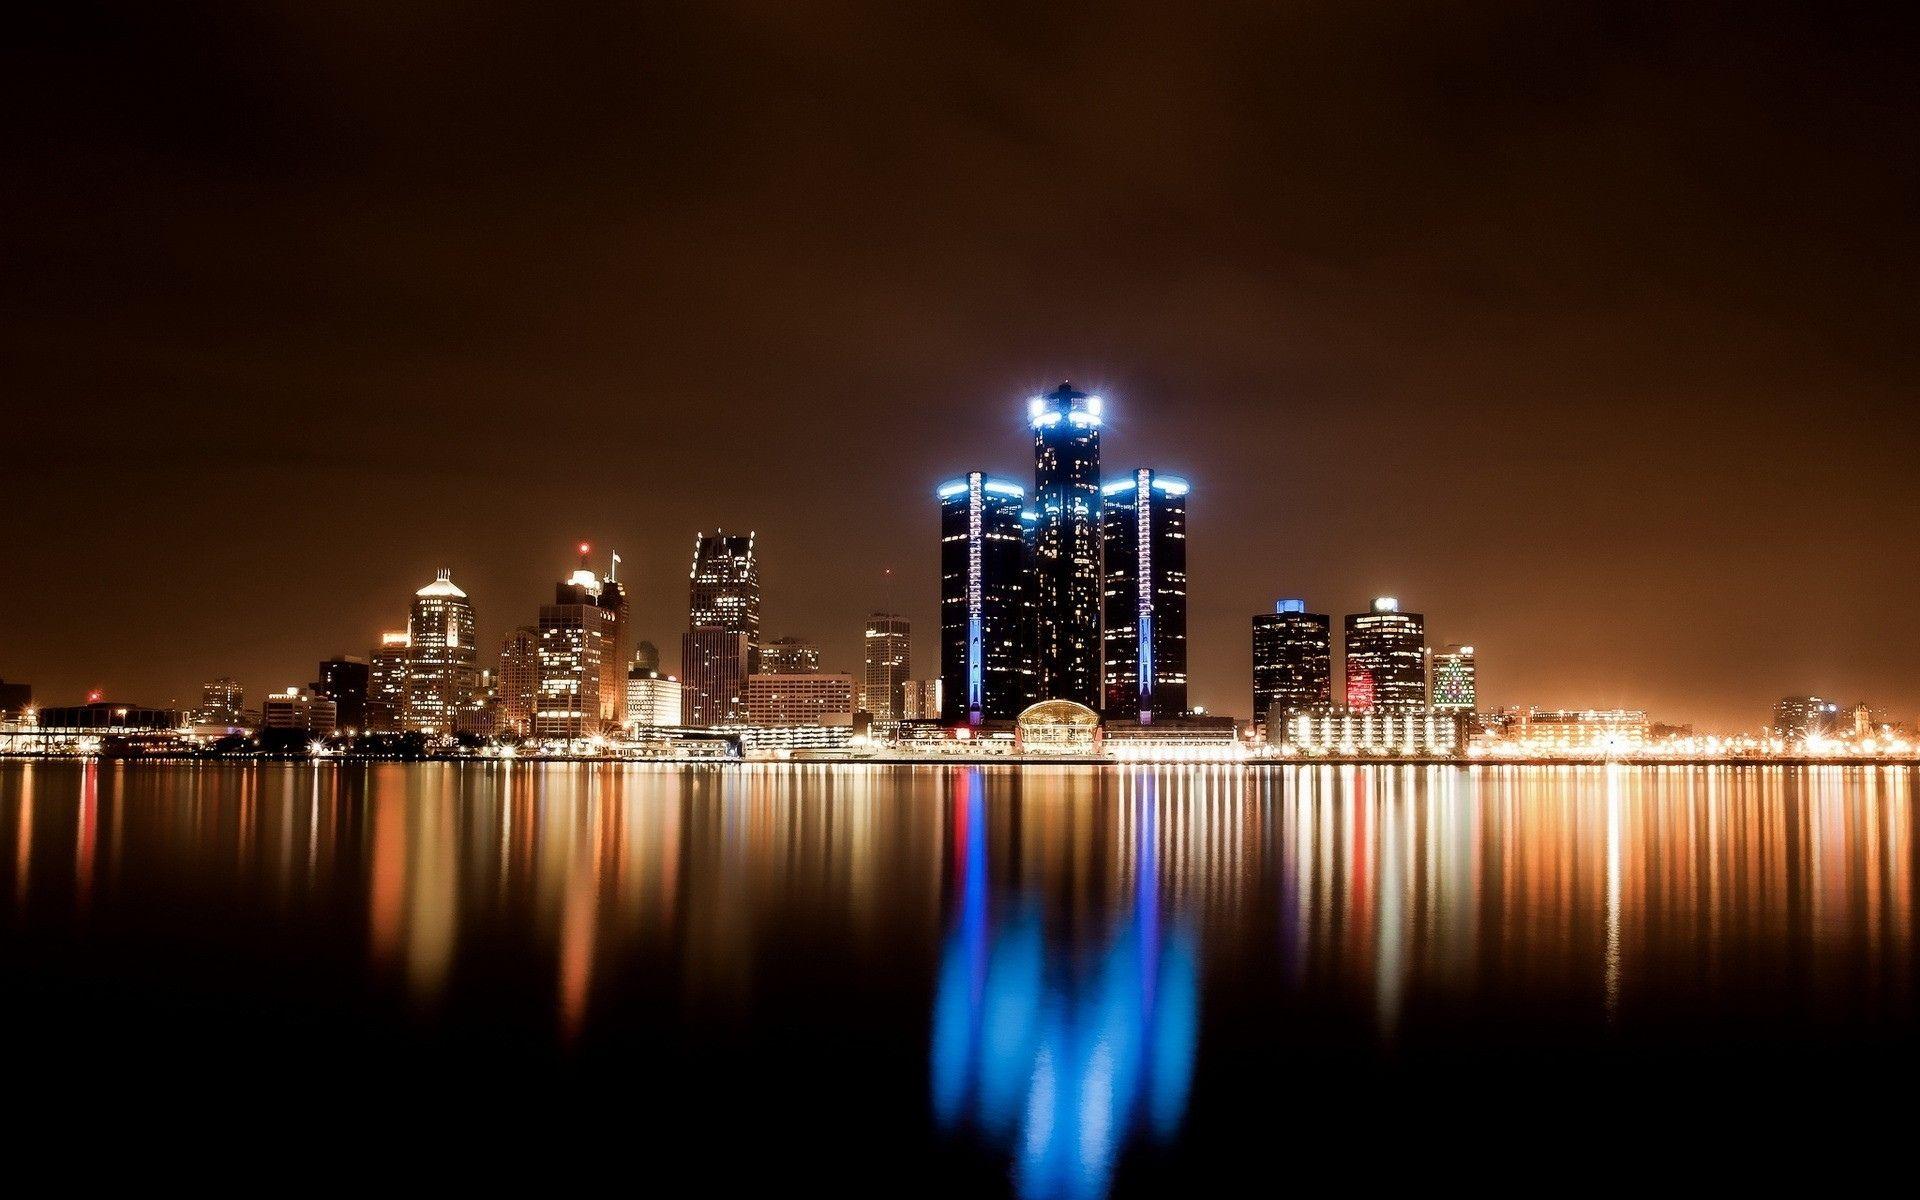 Detroit Skyline At Night City Lights At Night Detroit Wallpaper Night City